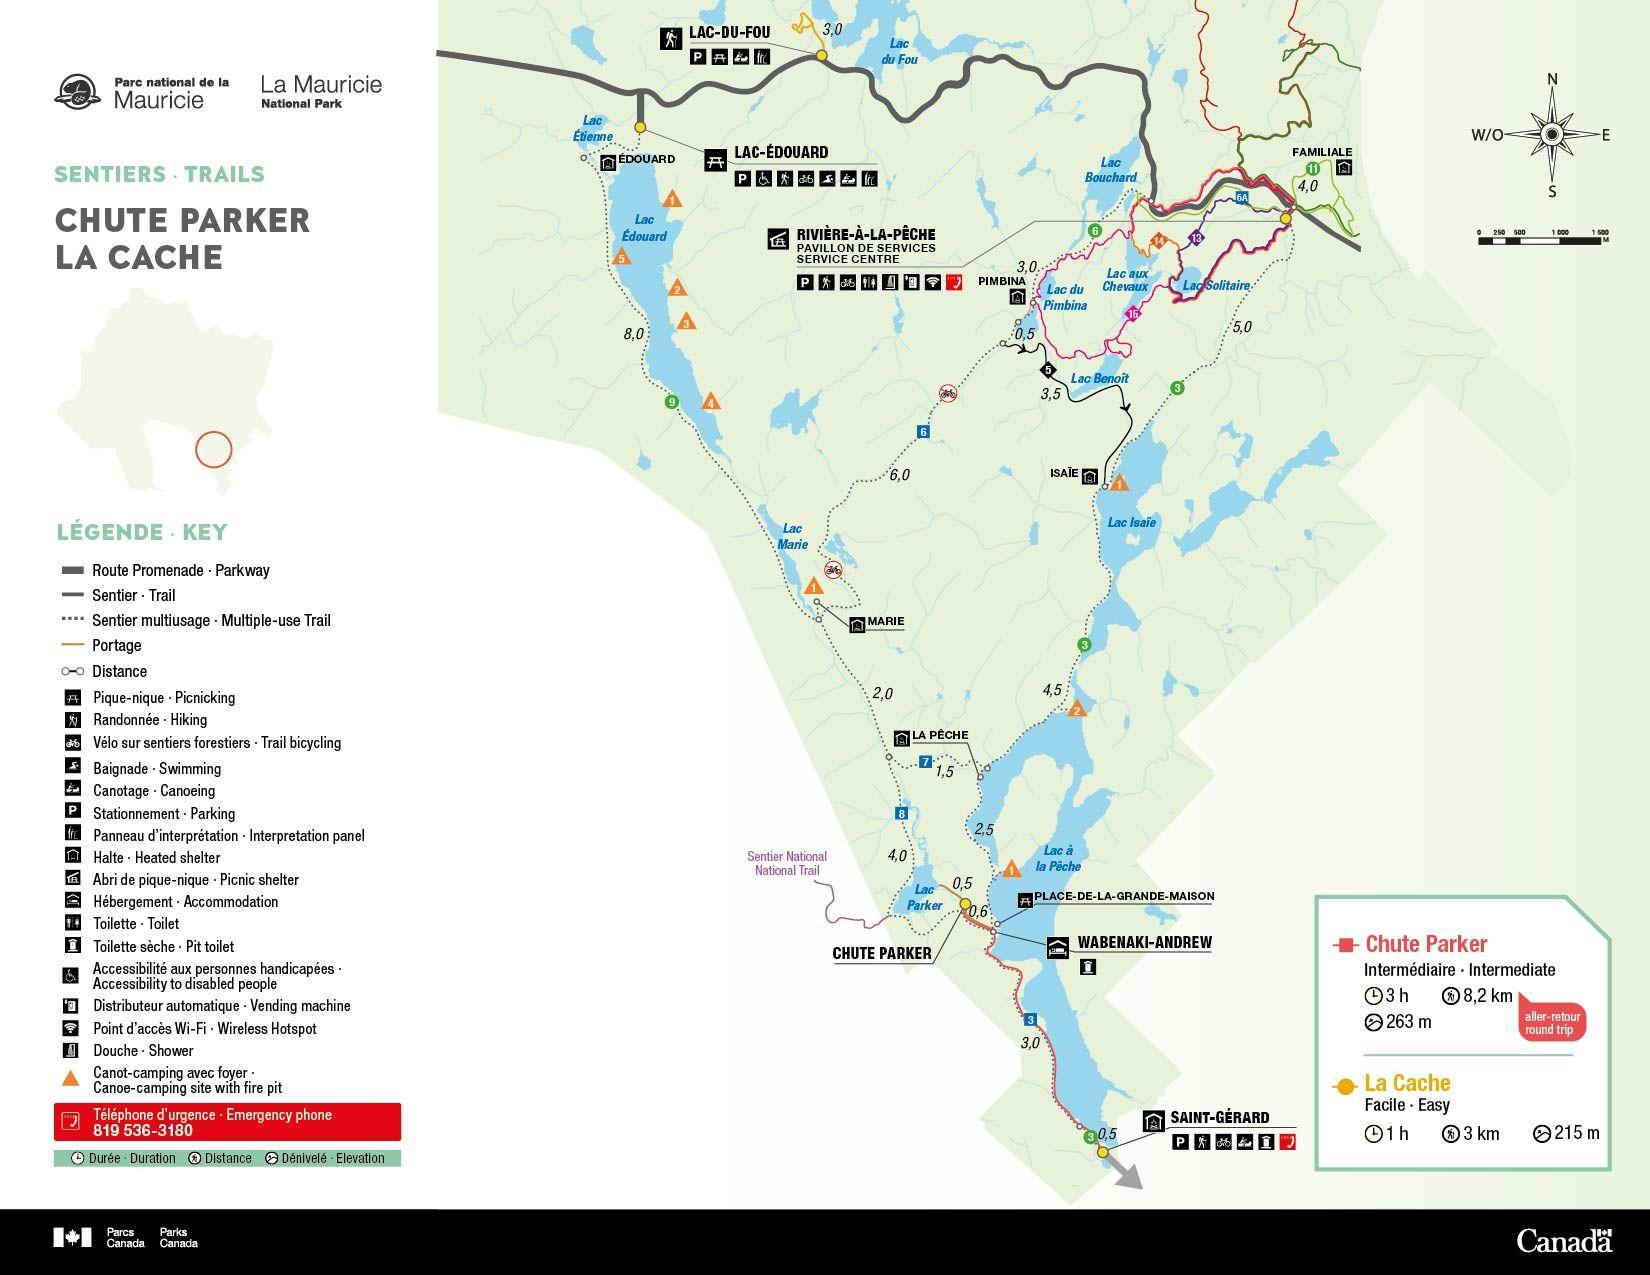 Cartes Des Sentiers De Randonnee Parc National De La Mauricie